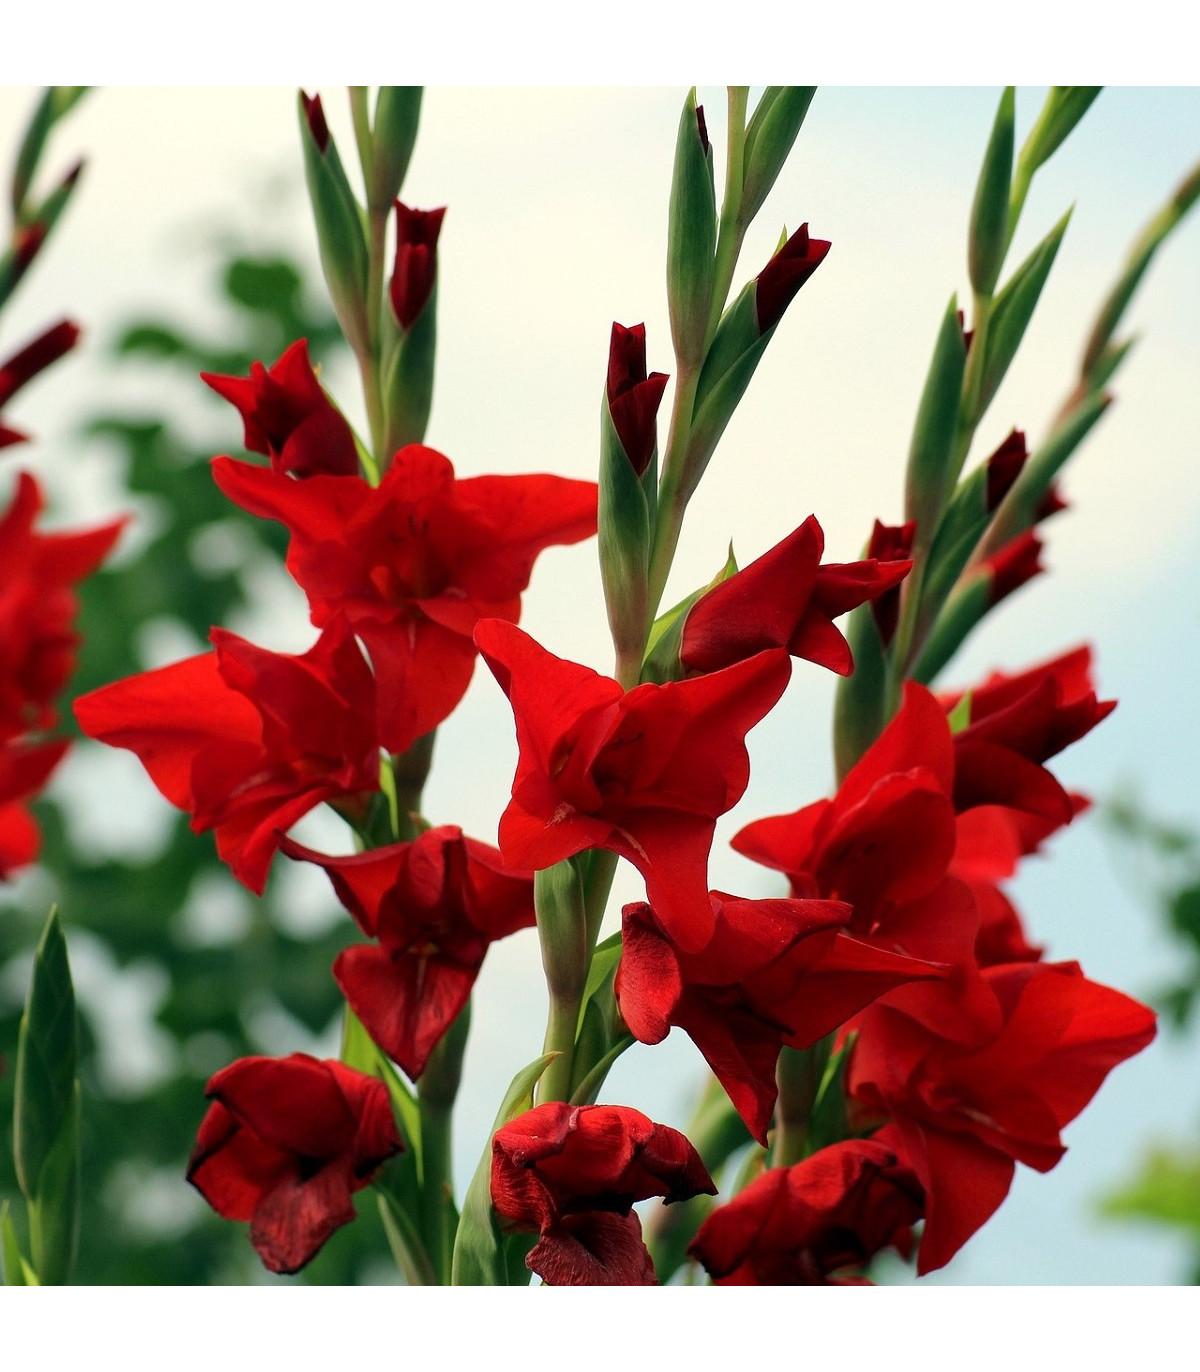 Gladiol červený Hunting song - Gladiolus - hlízy mečíků - 3 ks